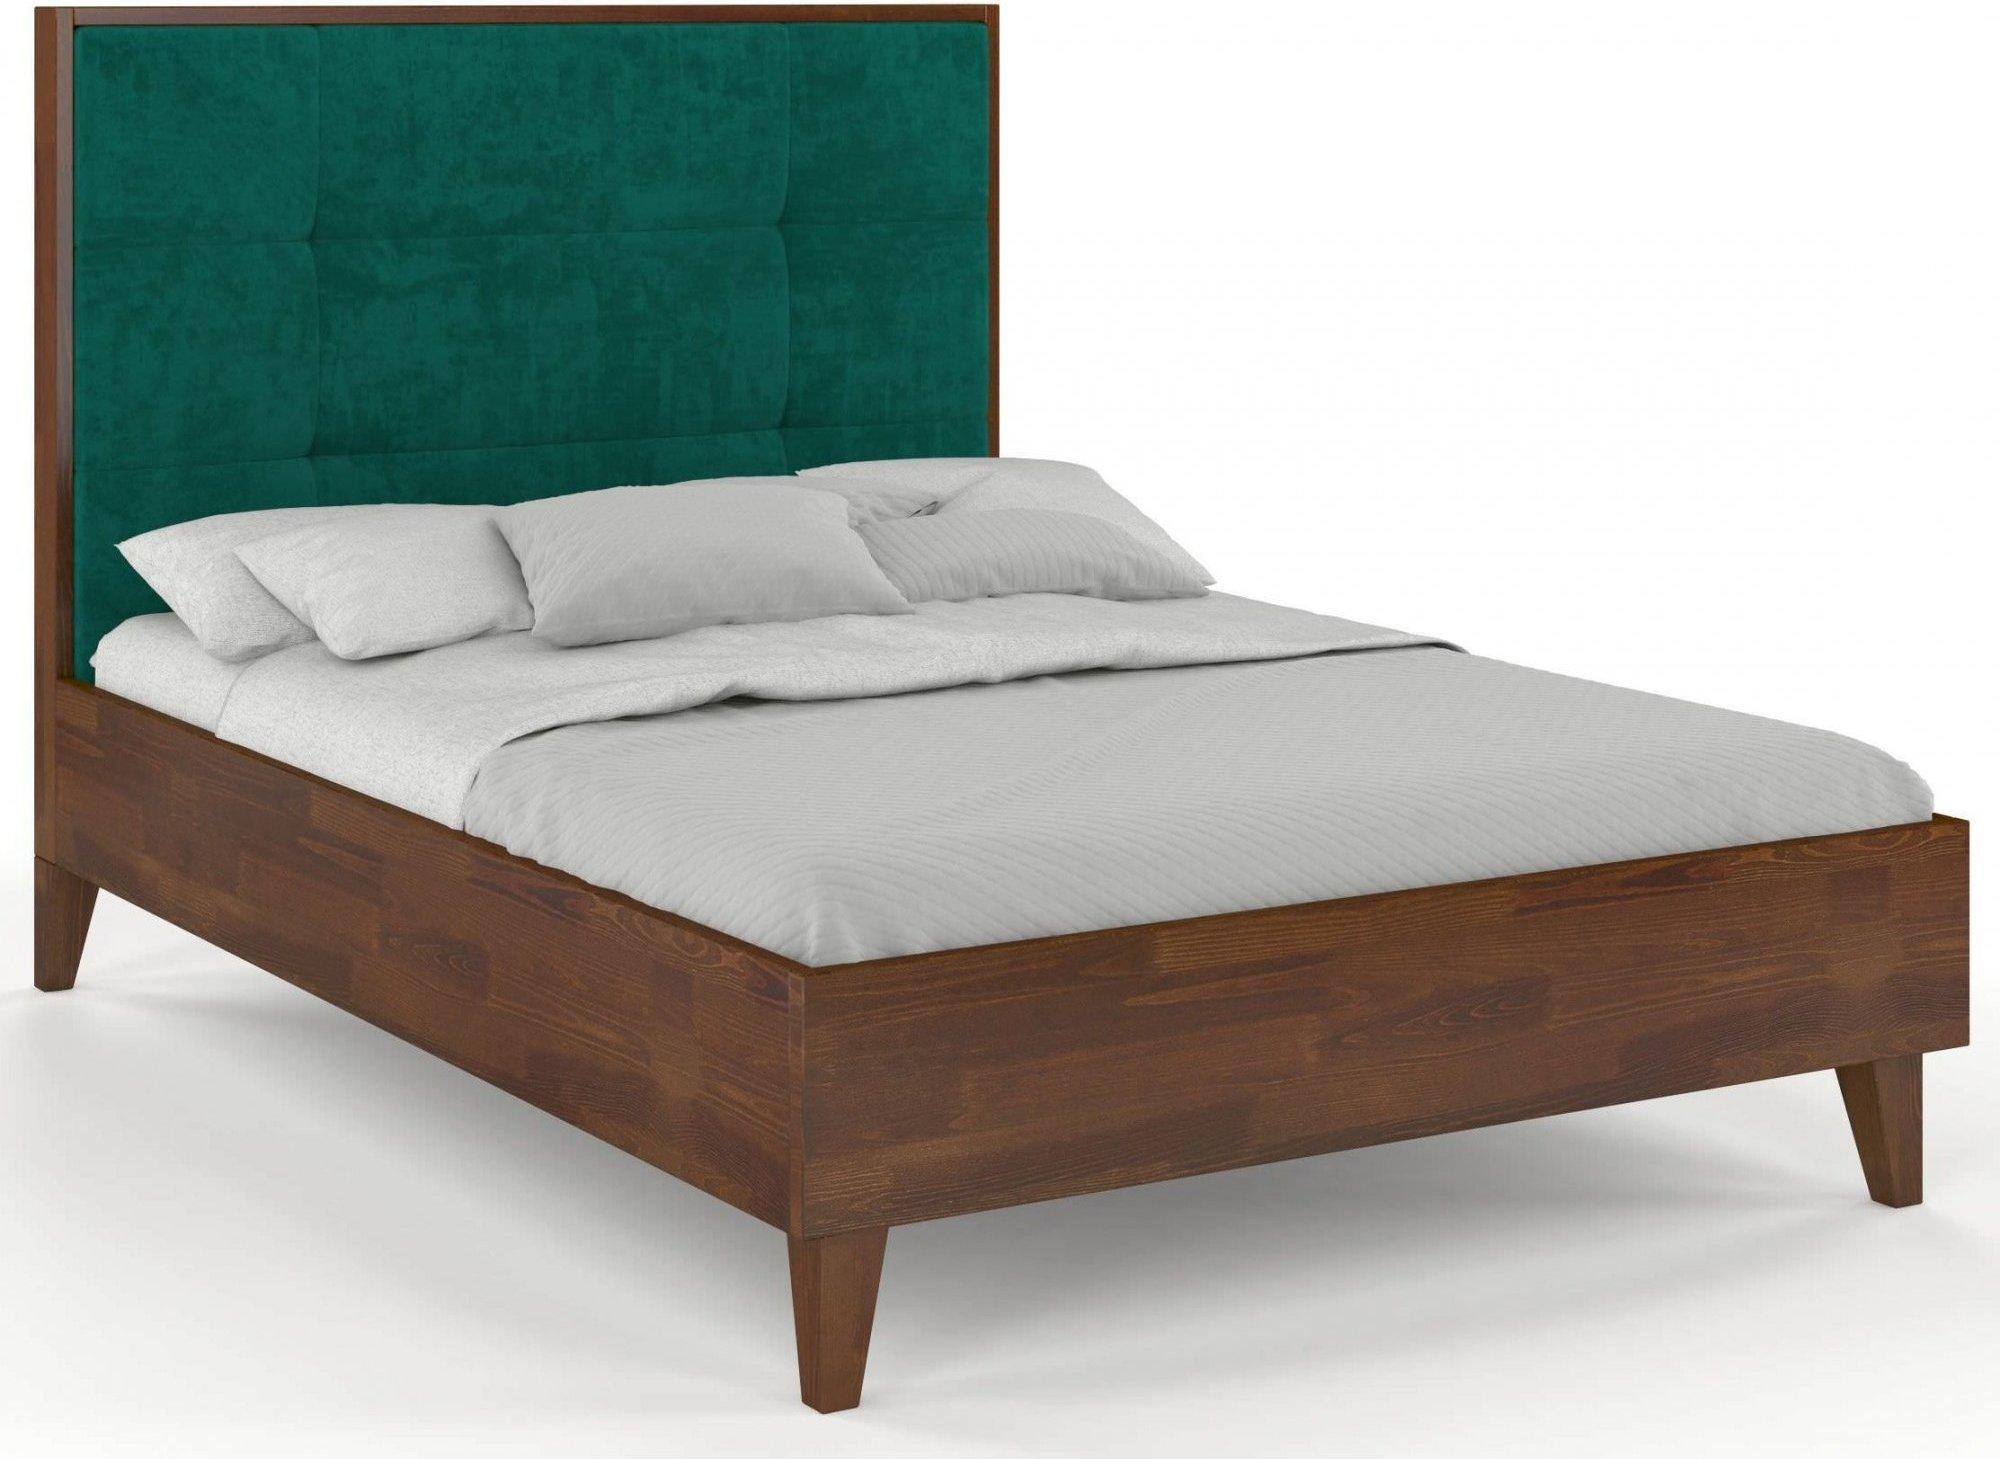 Lit avec tête de lit sommier noyer massif vert 180x200cm